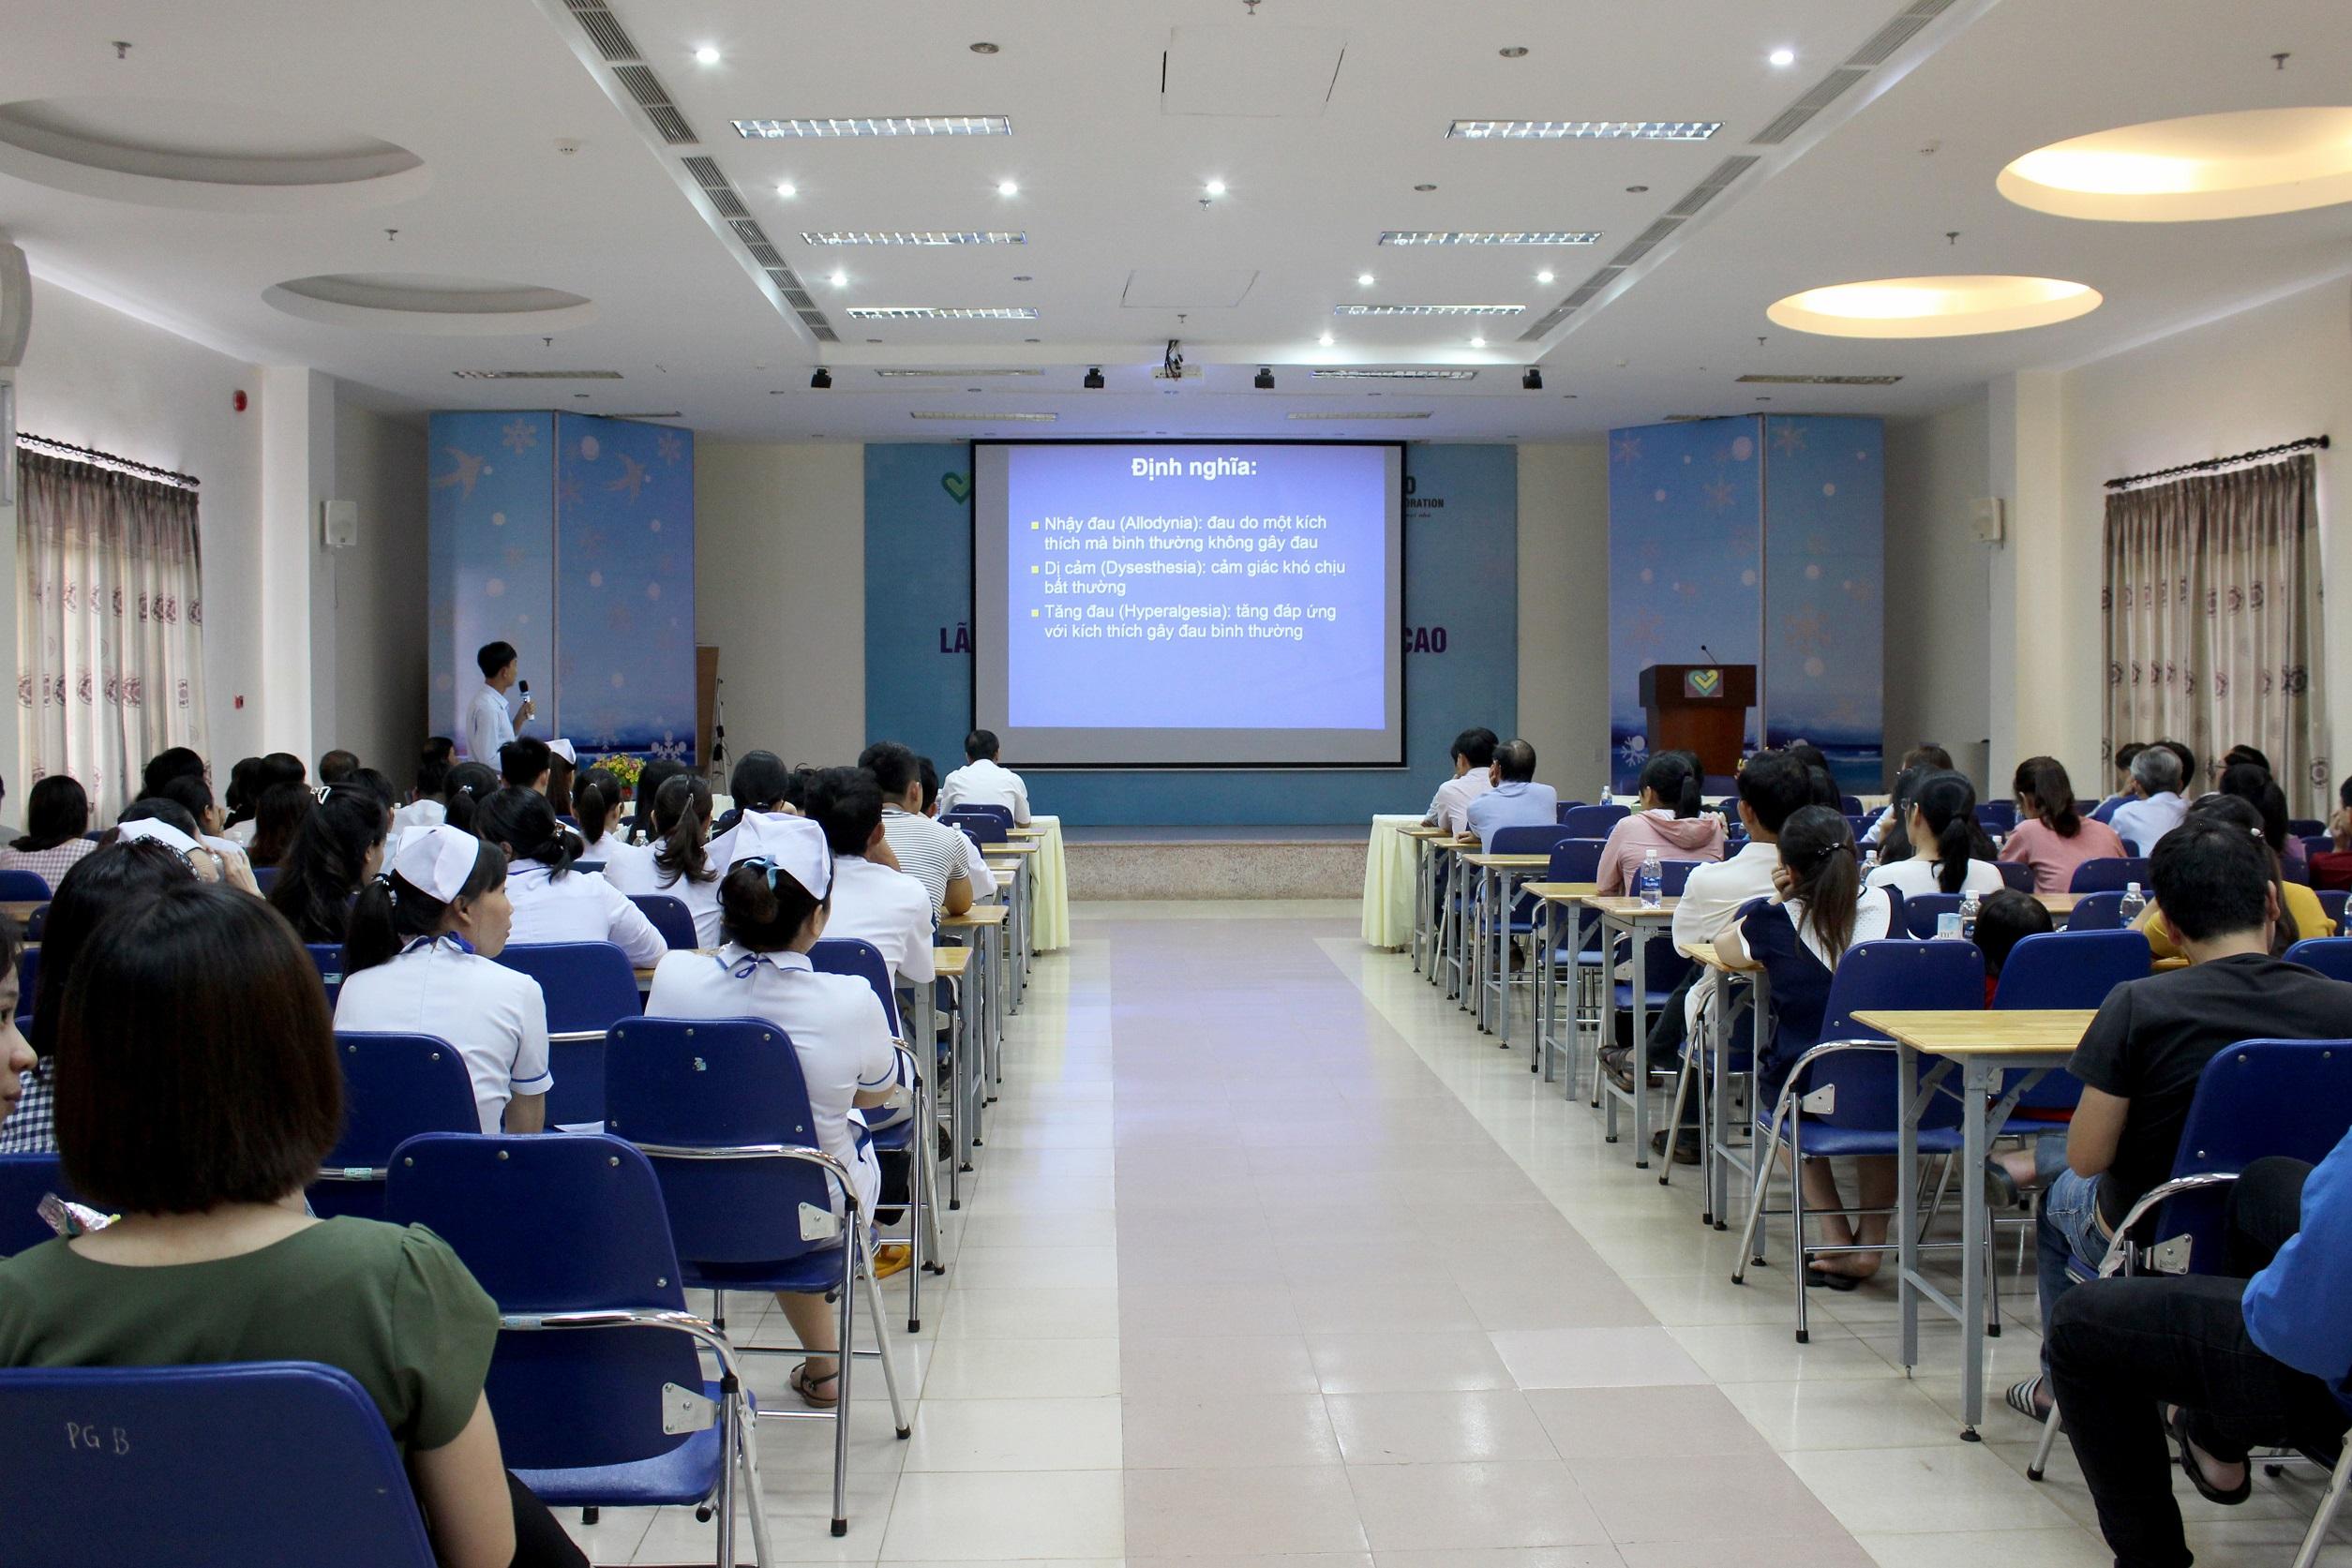 Sinh Hoạt Khoa Học Chuyên đề Bác Sĩ Tháng 7 Năm 2019